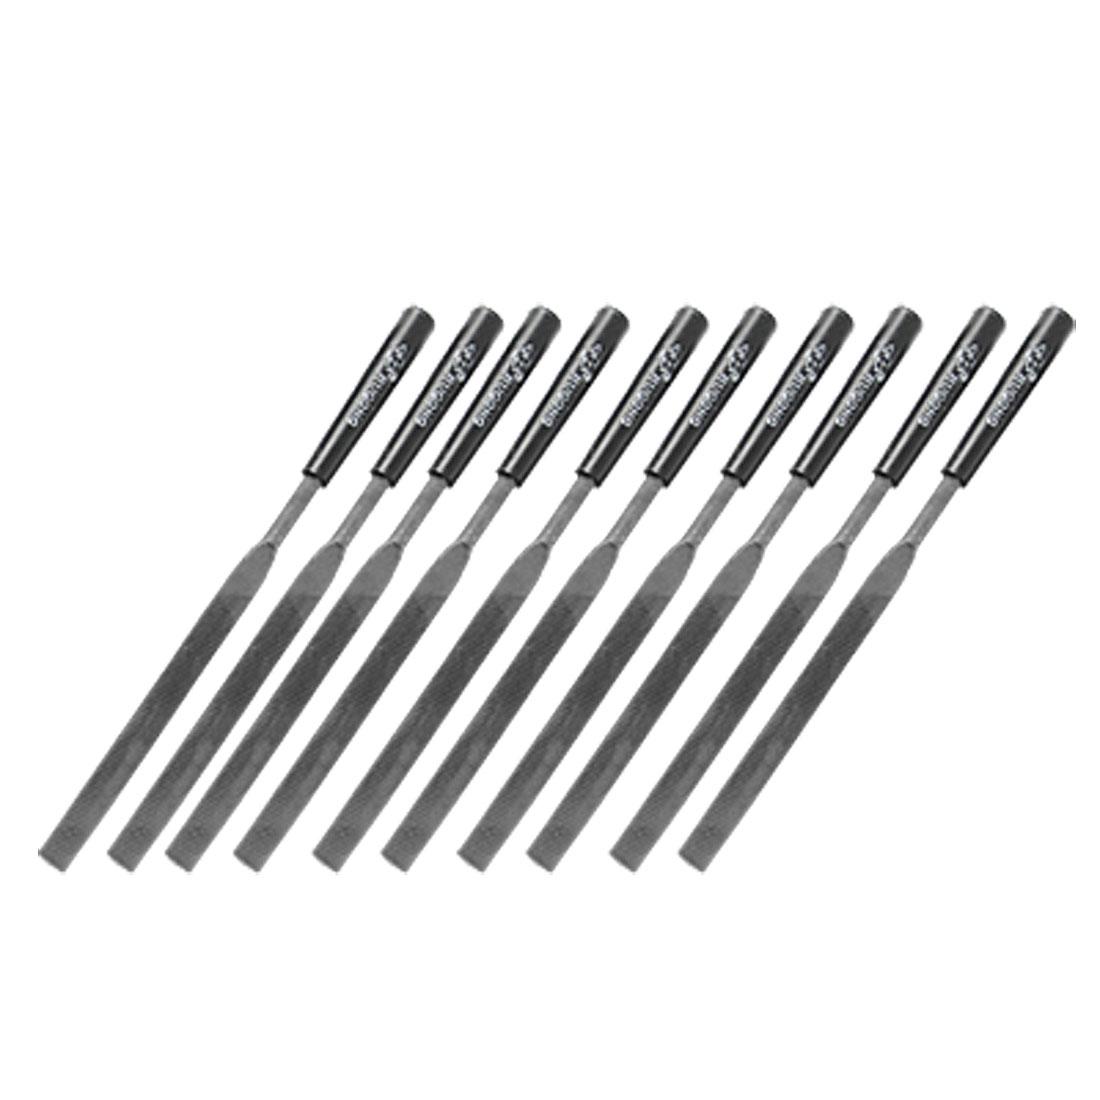 Craft Making Tool 18cm Equalling Needle Files Set 10Pcs